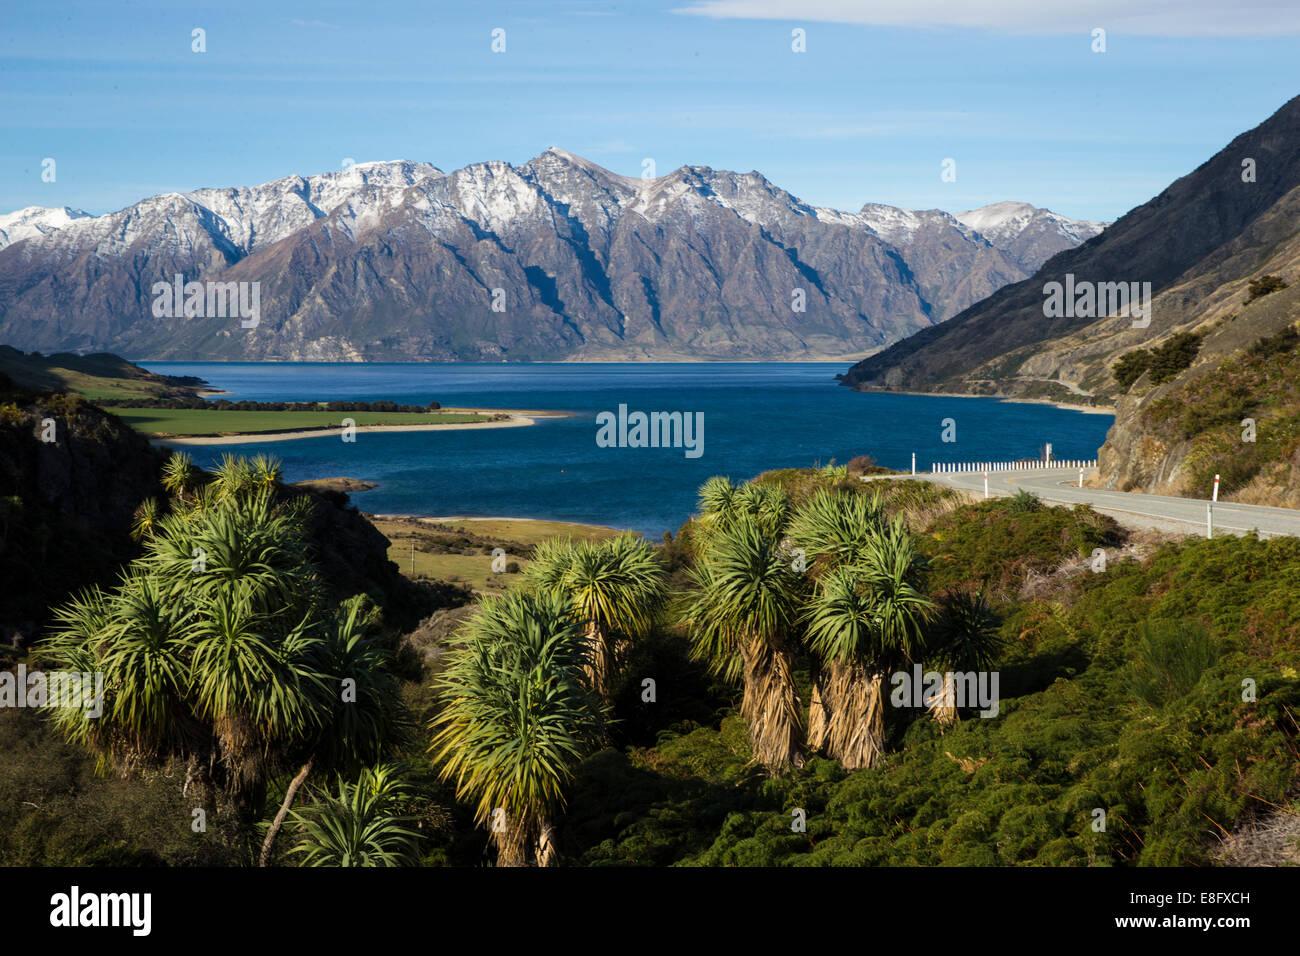 New Zealand, South Island, Landscape - Stock Image